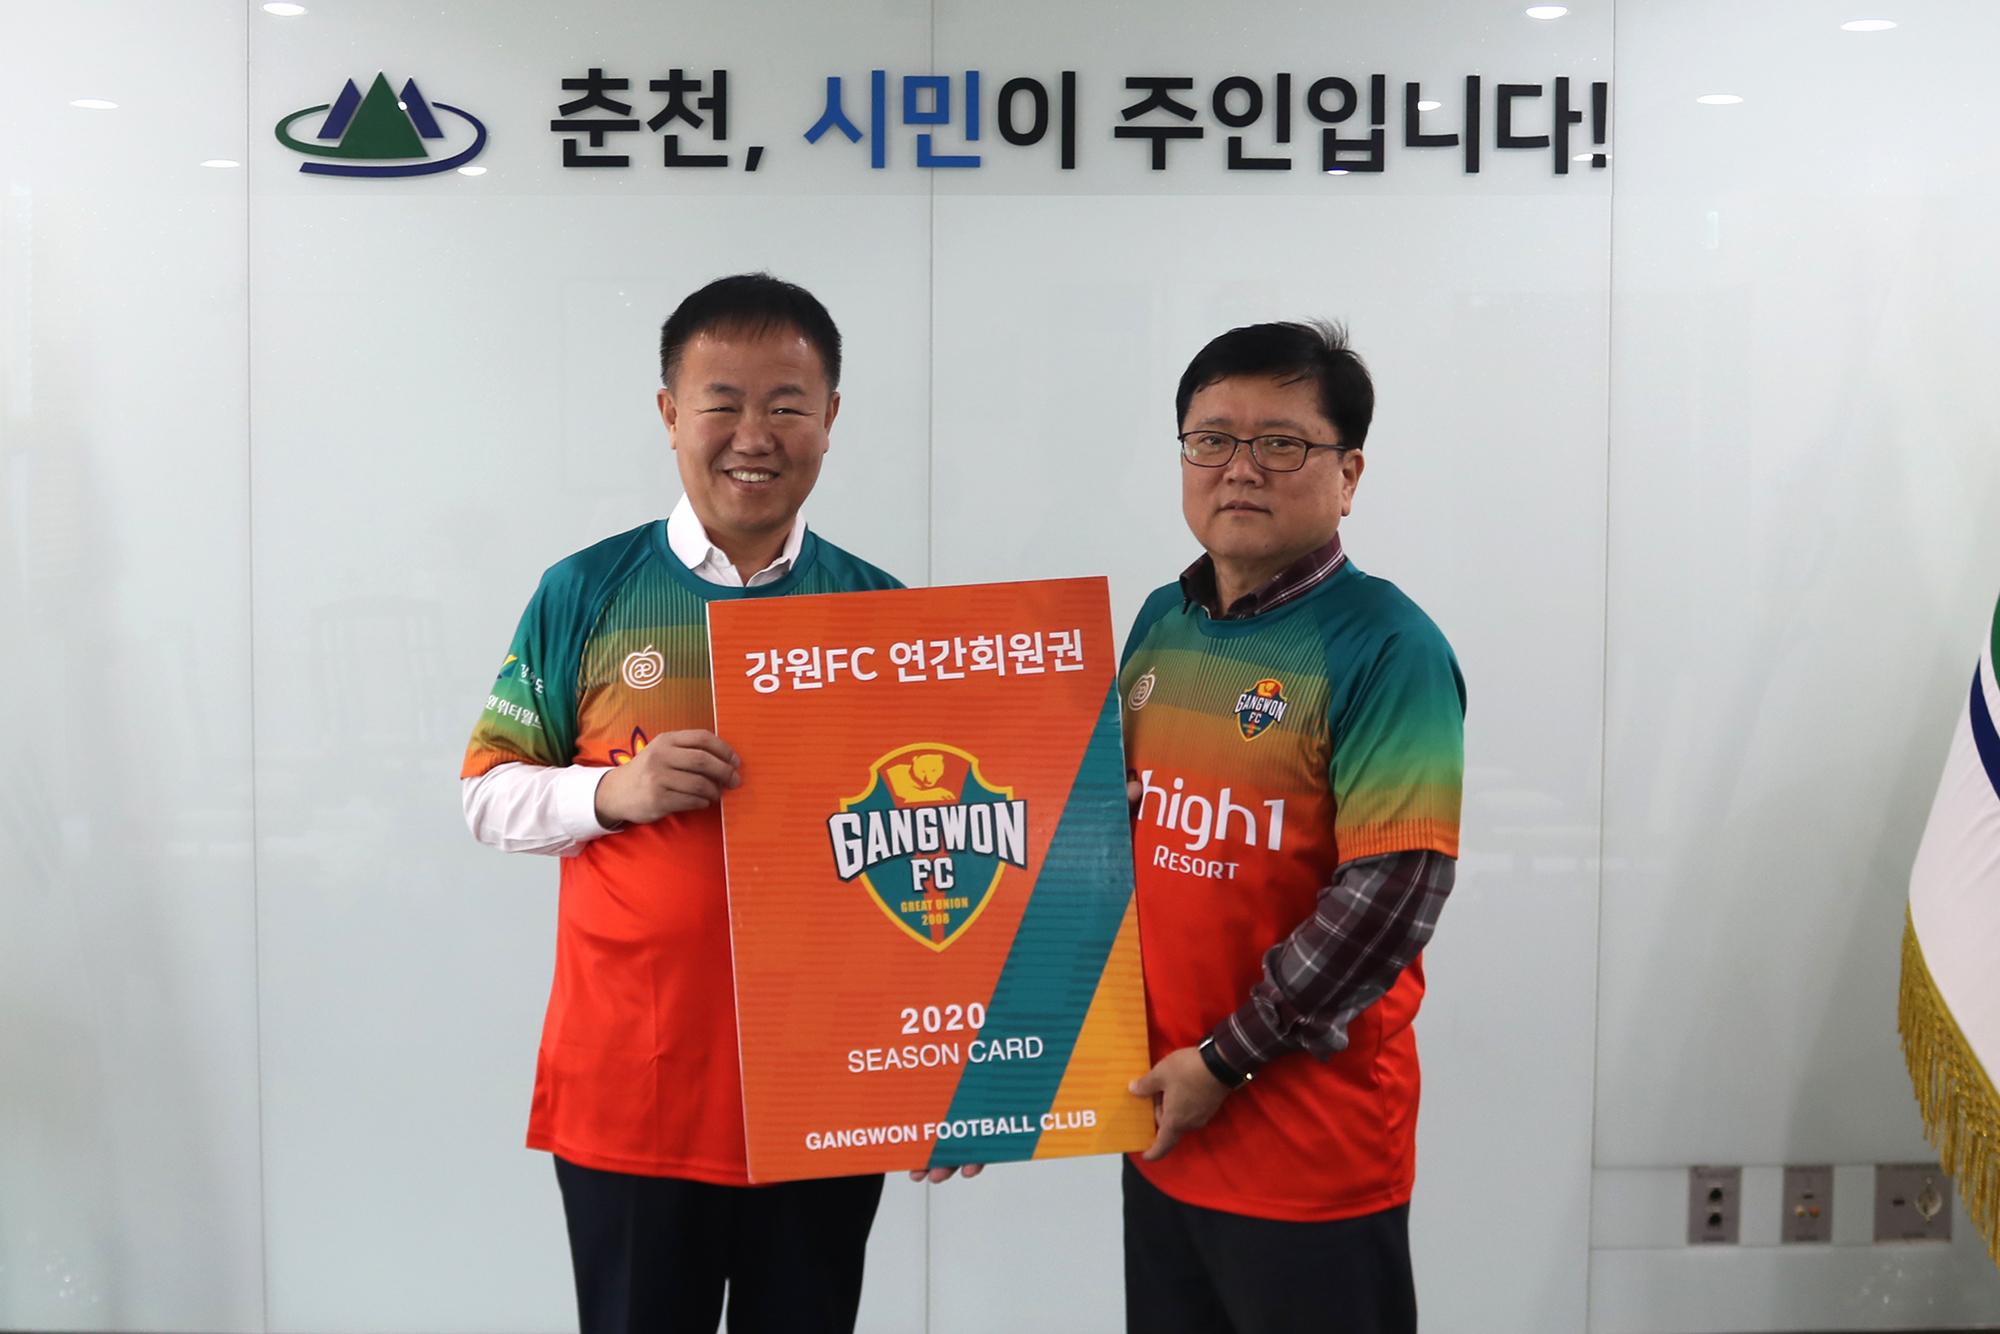 """""""홈경기 건승 기원"""" 이재수 춘천시장, 강원FC 연간회원권 구매 행렬 동참"""